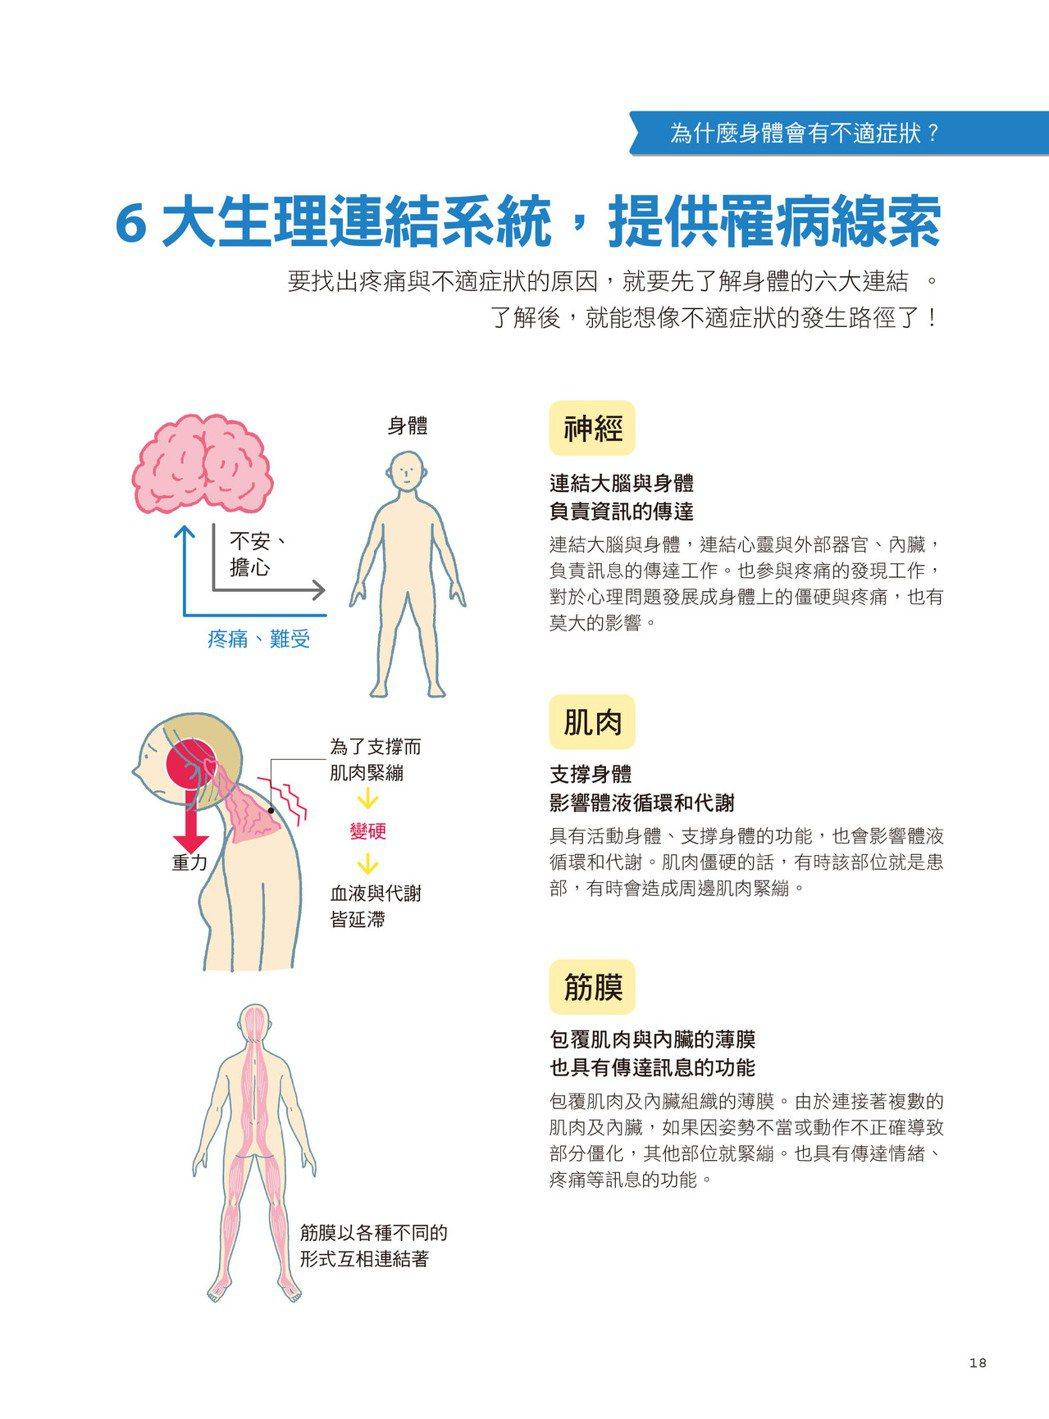 圖/摘自《肌筋膜‧經絡穴位‧激痛點,對症手療身體疼痛地圖全書》